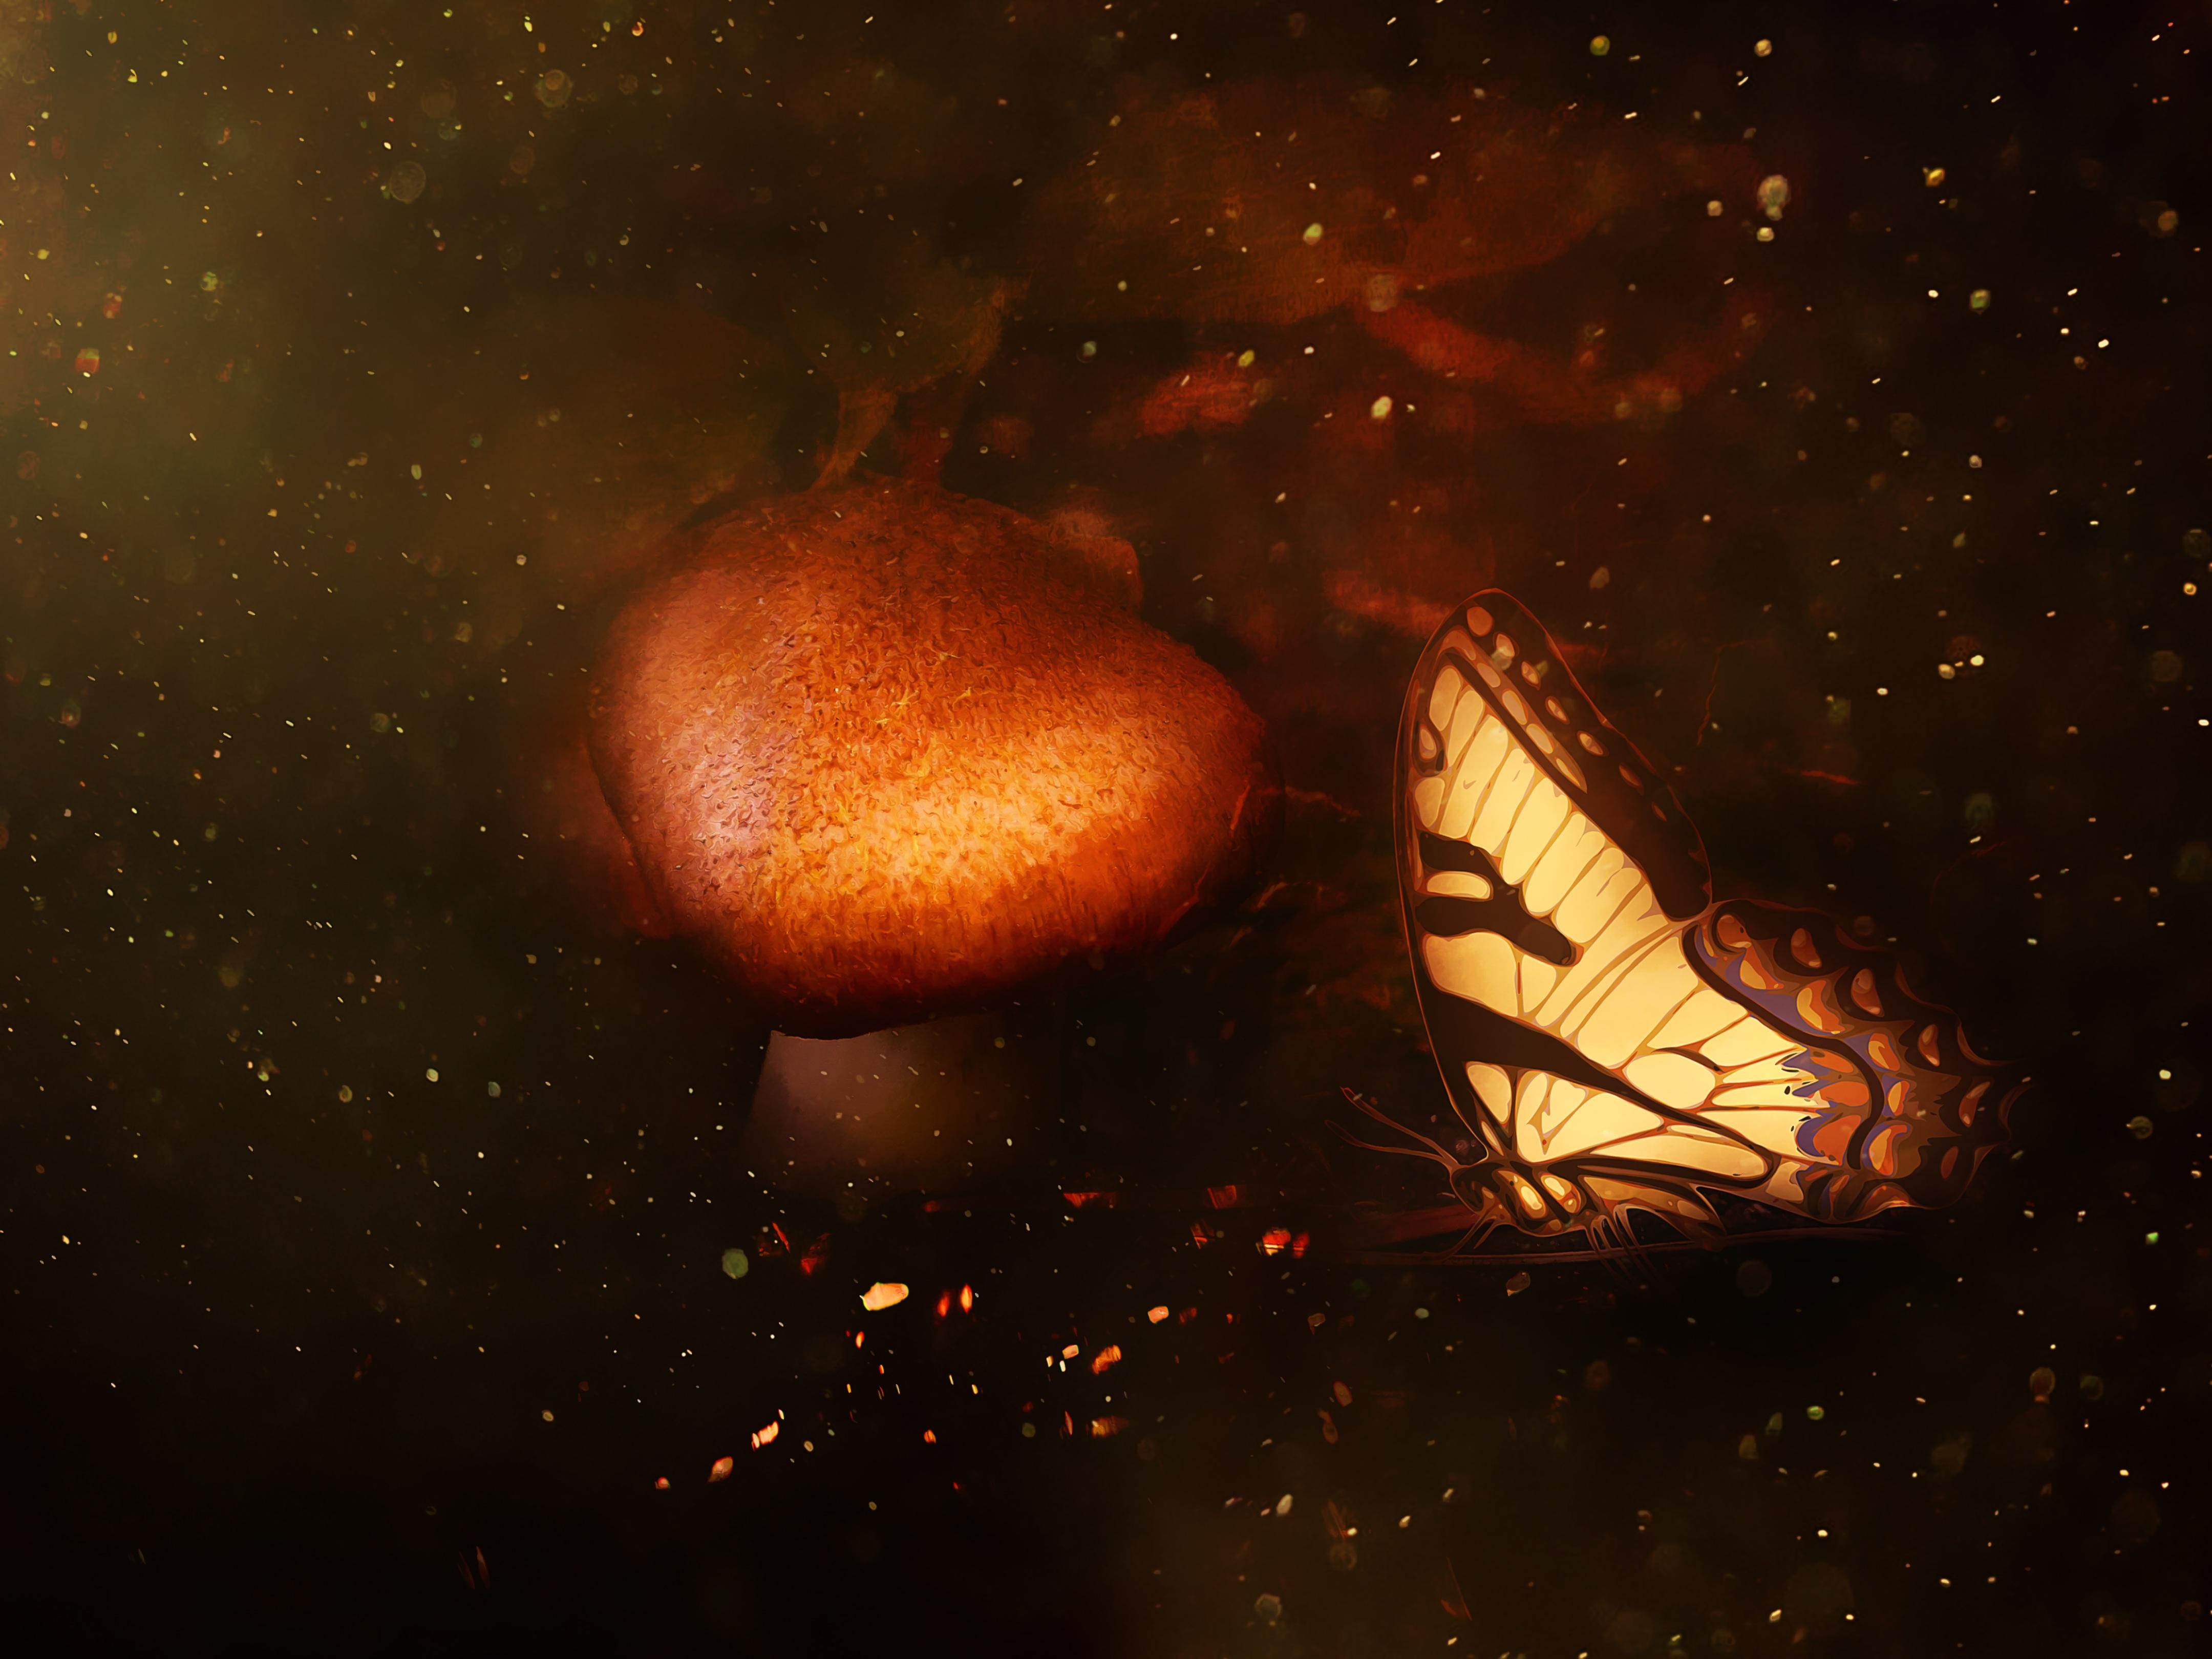 Fotoğraf Orman Gece Güneş ışığı Star Boşluk Kahverengi